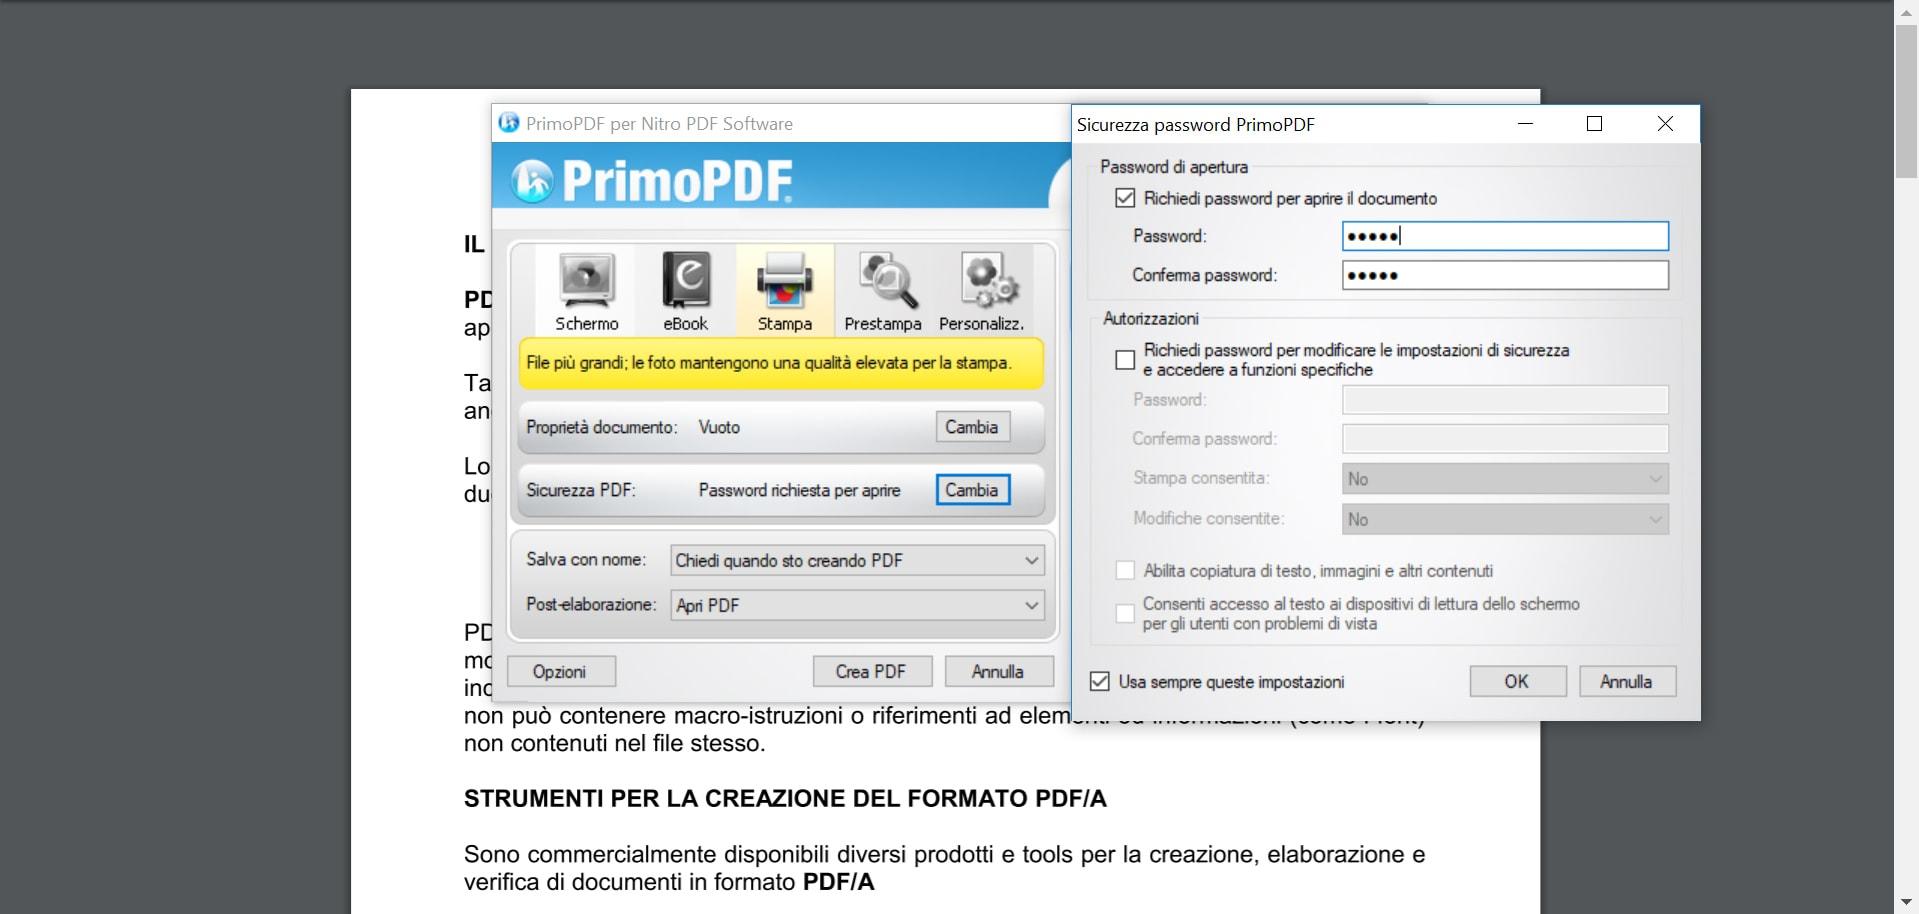 inserire la password con PrimoPDF